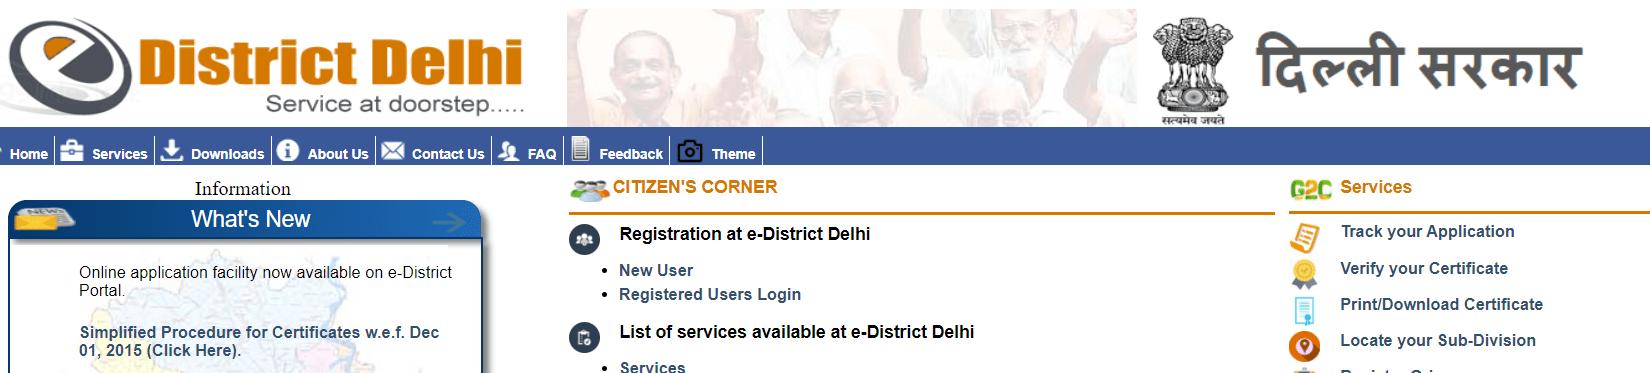 e-district Delhi